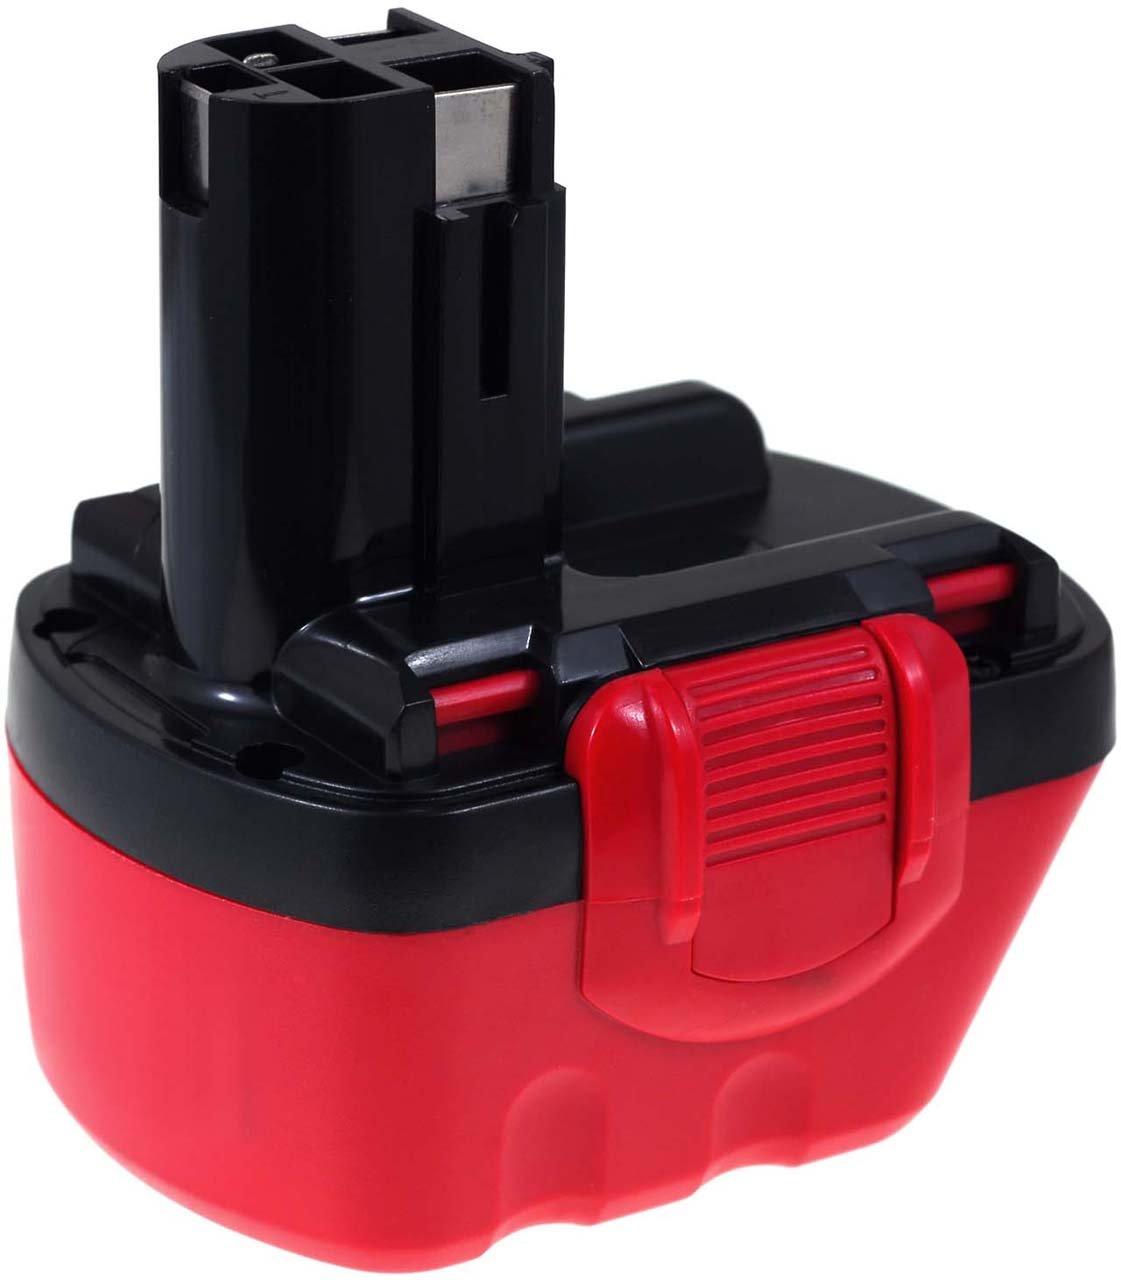 Batteria compatibile per Bosch Exact 12 3000mAh O-Pack, NiMH, 12V, 36Wh, nero